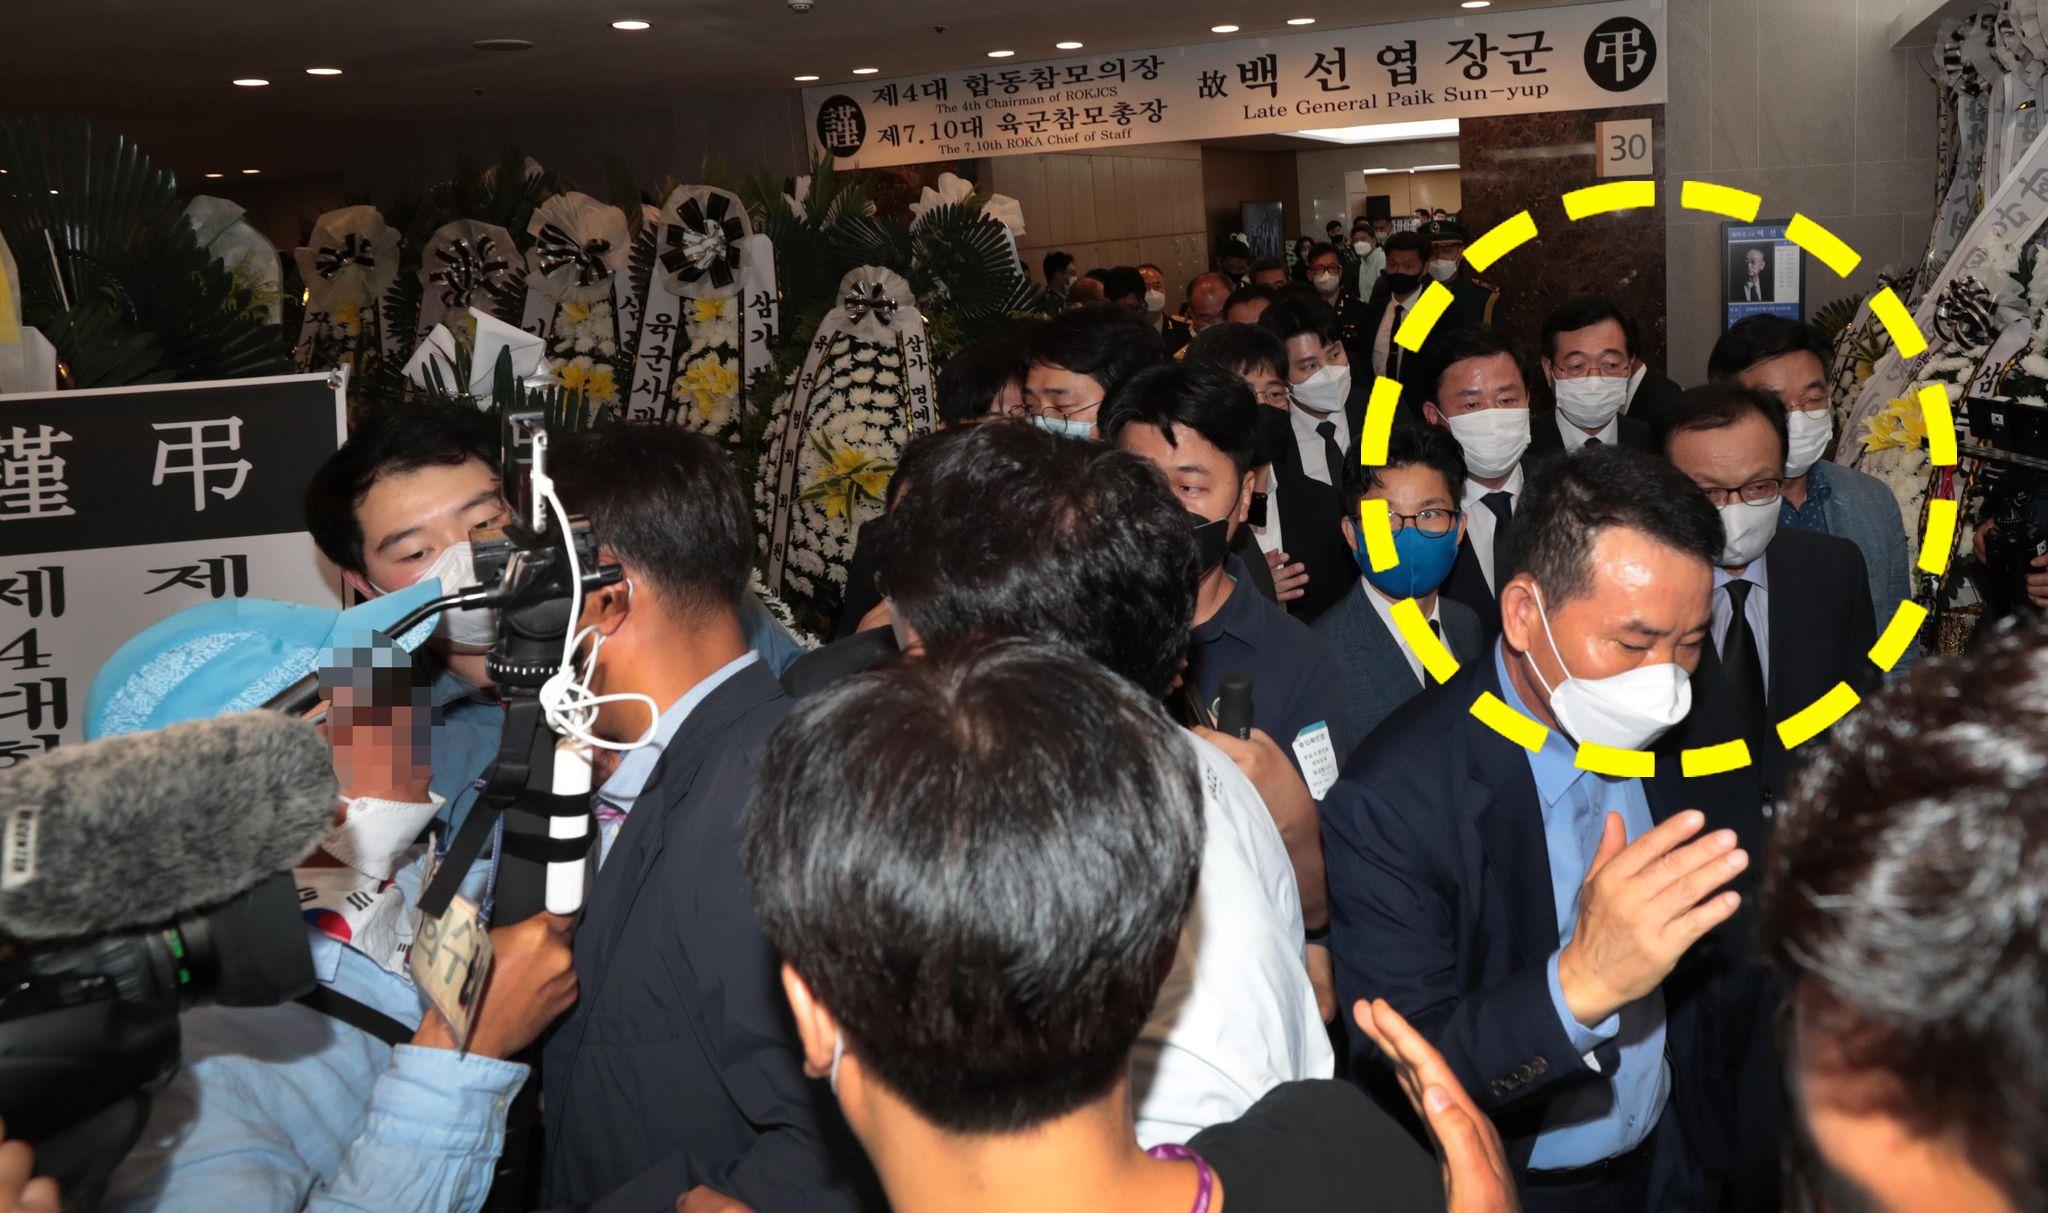 이해찬 더불어민주당 대표가 12일 서울 아산병원 장례식장에 마련된 고 백선엽 장군의 빈소에서 조문을 마치고 나서다 일부 시민의 항의를 받고 있다. 연합뉴스